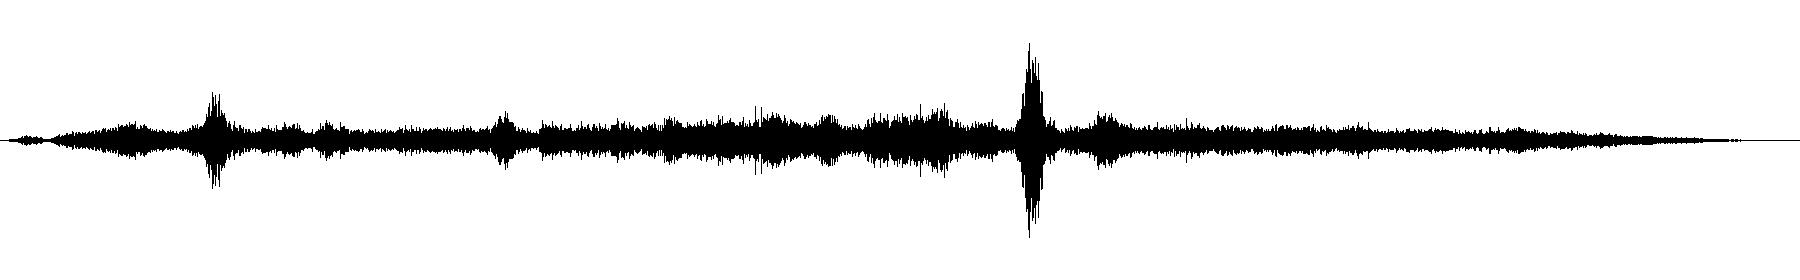 bluezone xworld sound 041